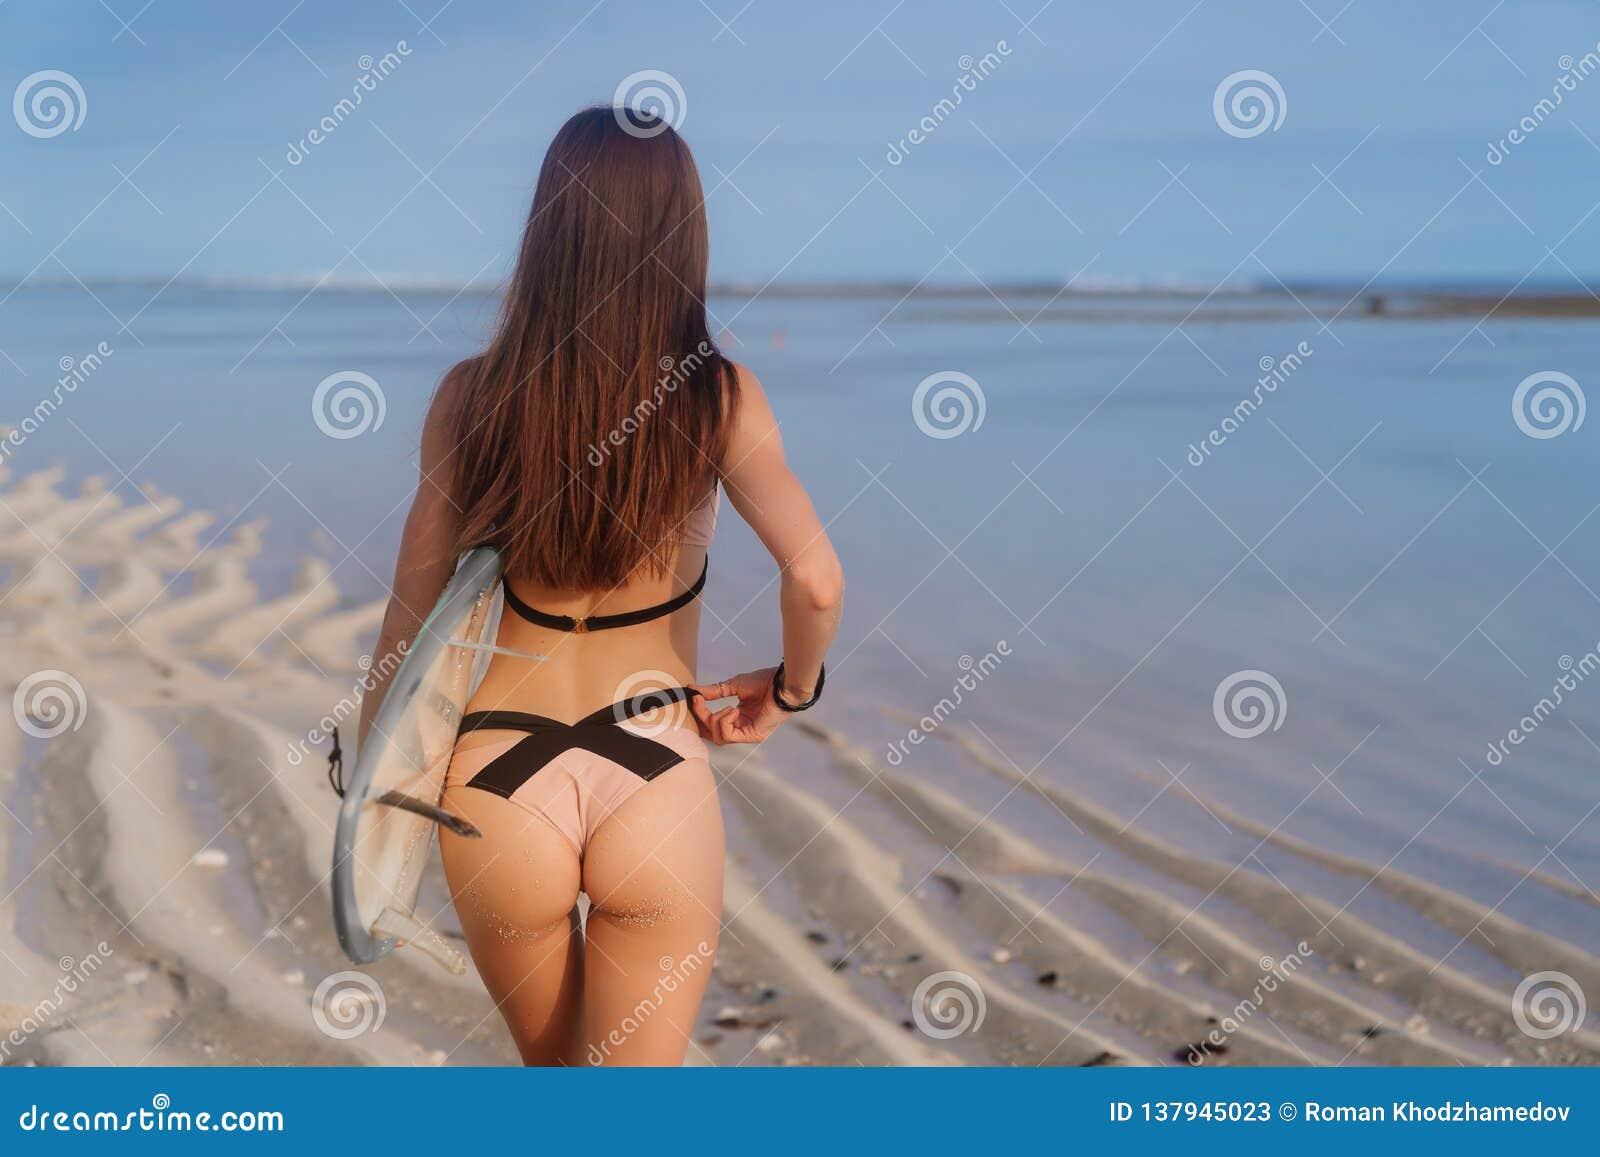 Взгляд задней стороны девушки с сексуальными батокс в купальнике и surfboard в ее руке на пляже